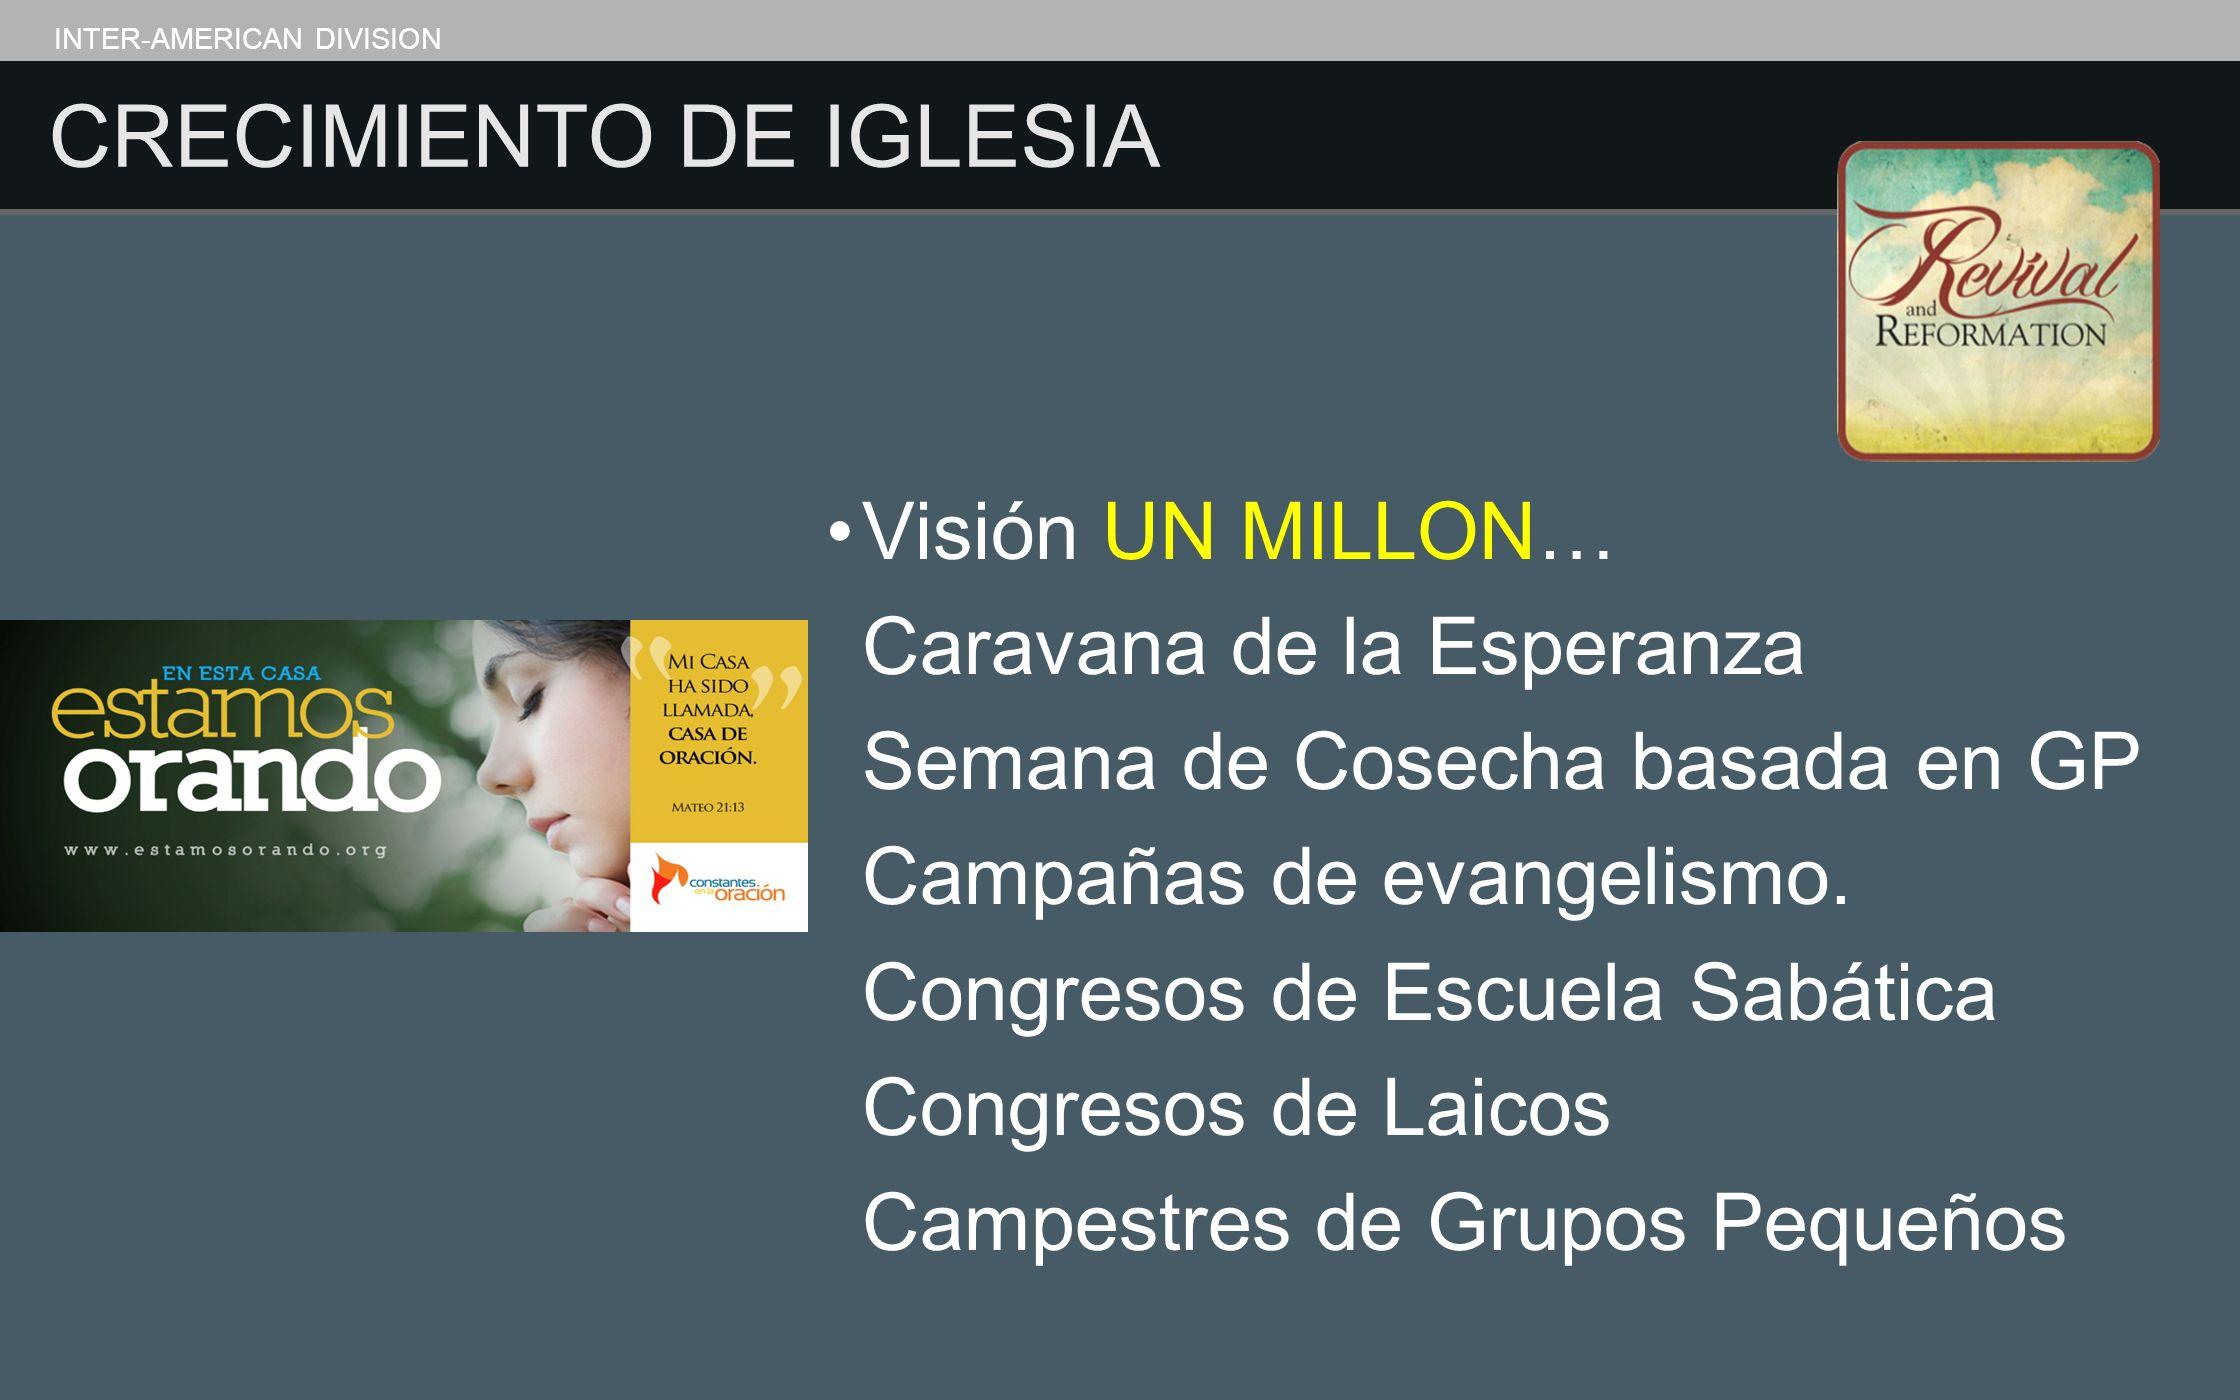 CRECIMIENTO DE IGLESIA INTER-AMERICAN DIVISION Visión UN MILLON… Caravana de la Esperanza Semana de Cosecha basada en GP Campañas de evangelismo. Cong